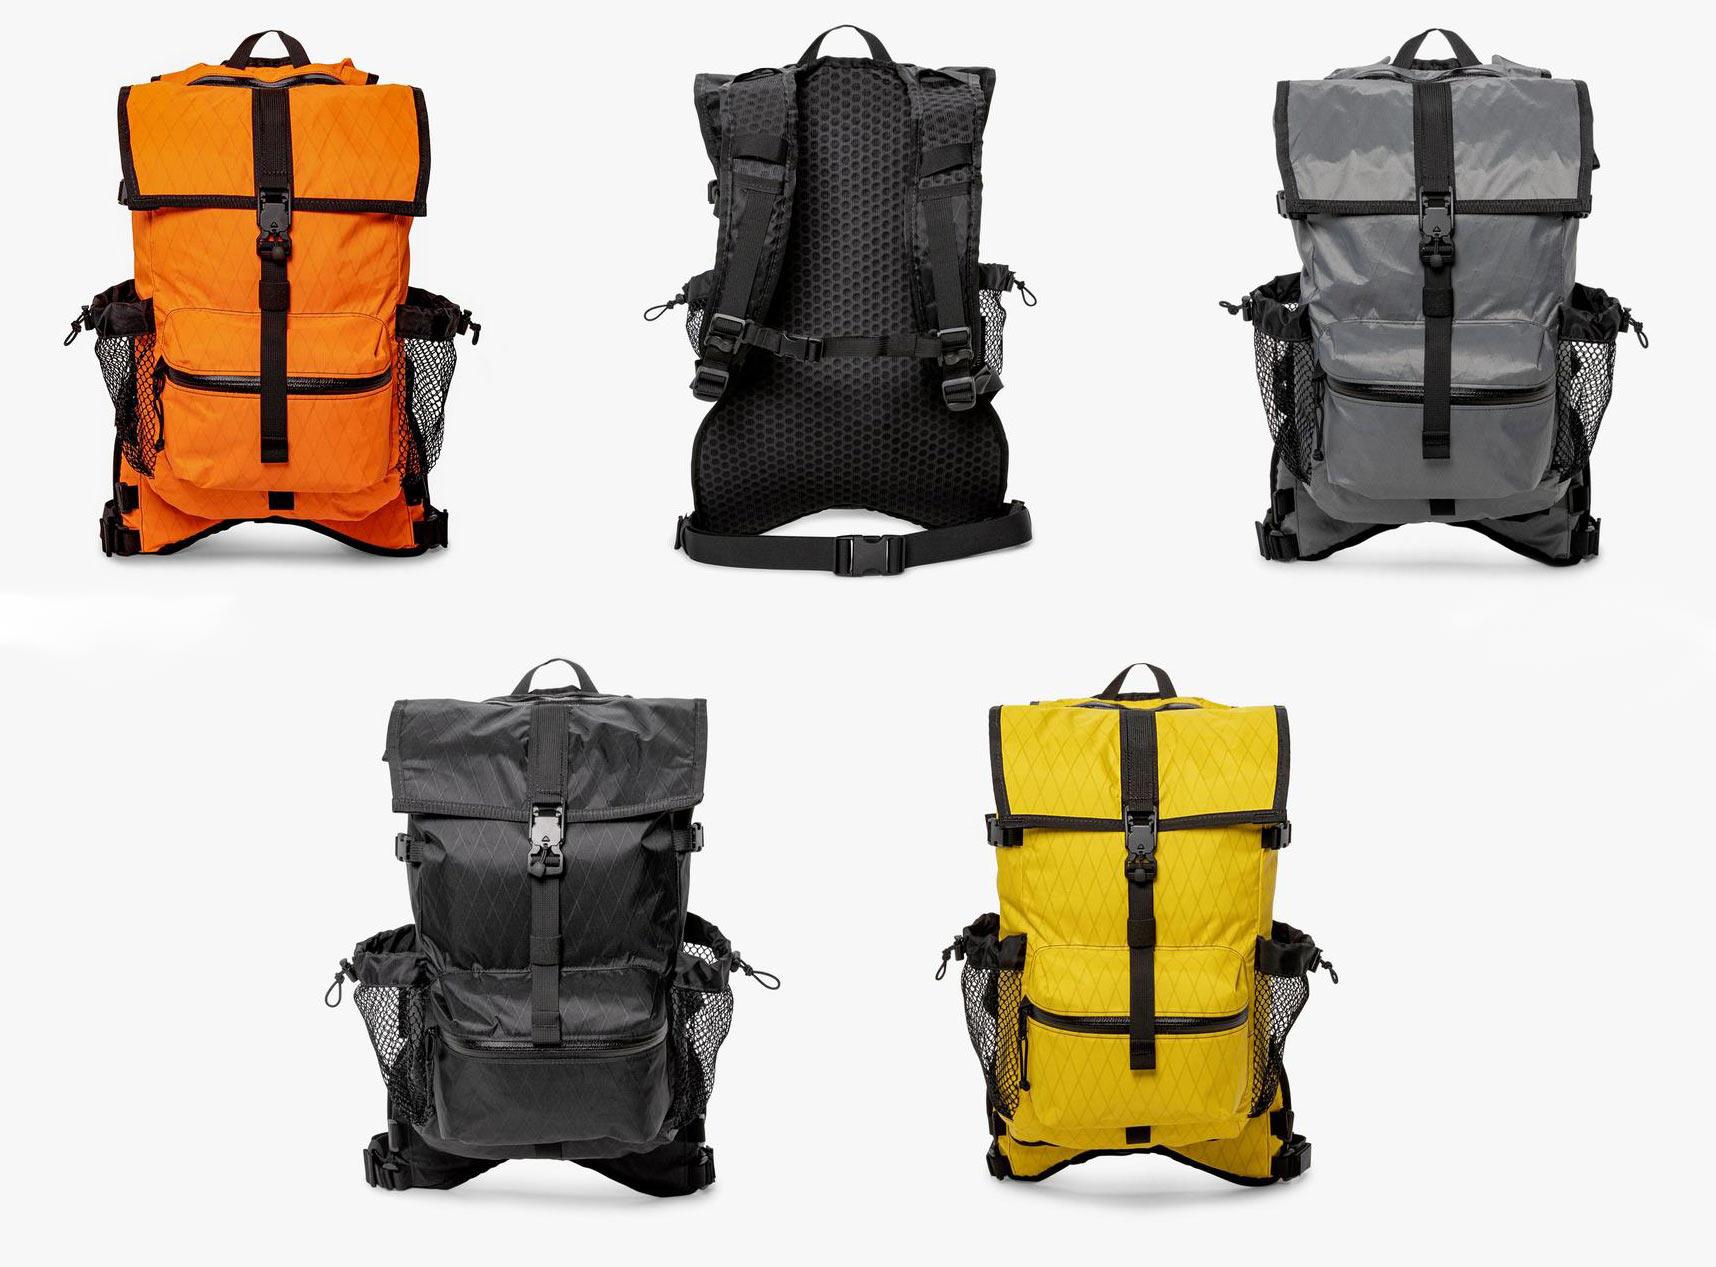 Mission workshop speedwell vx backpack